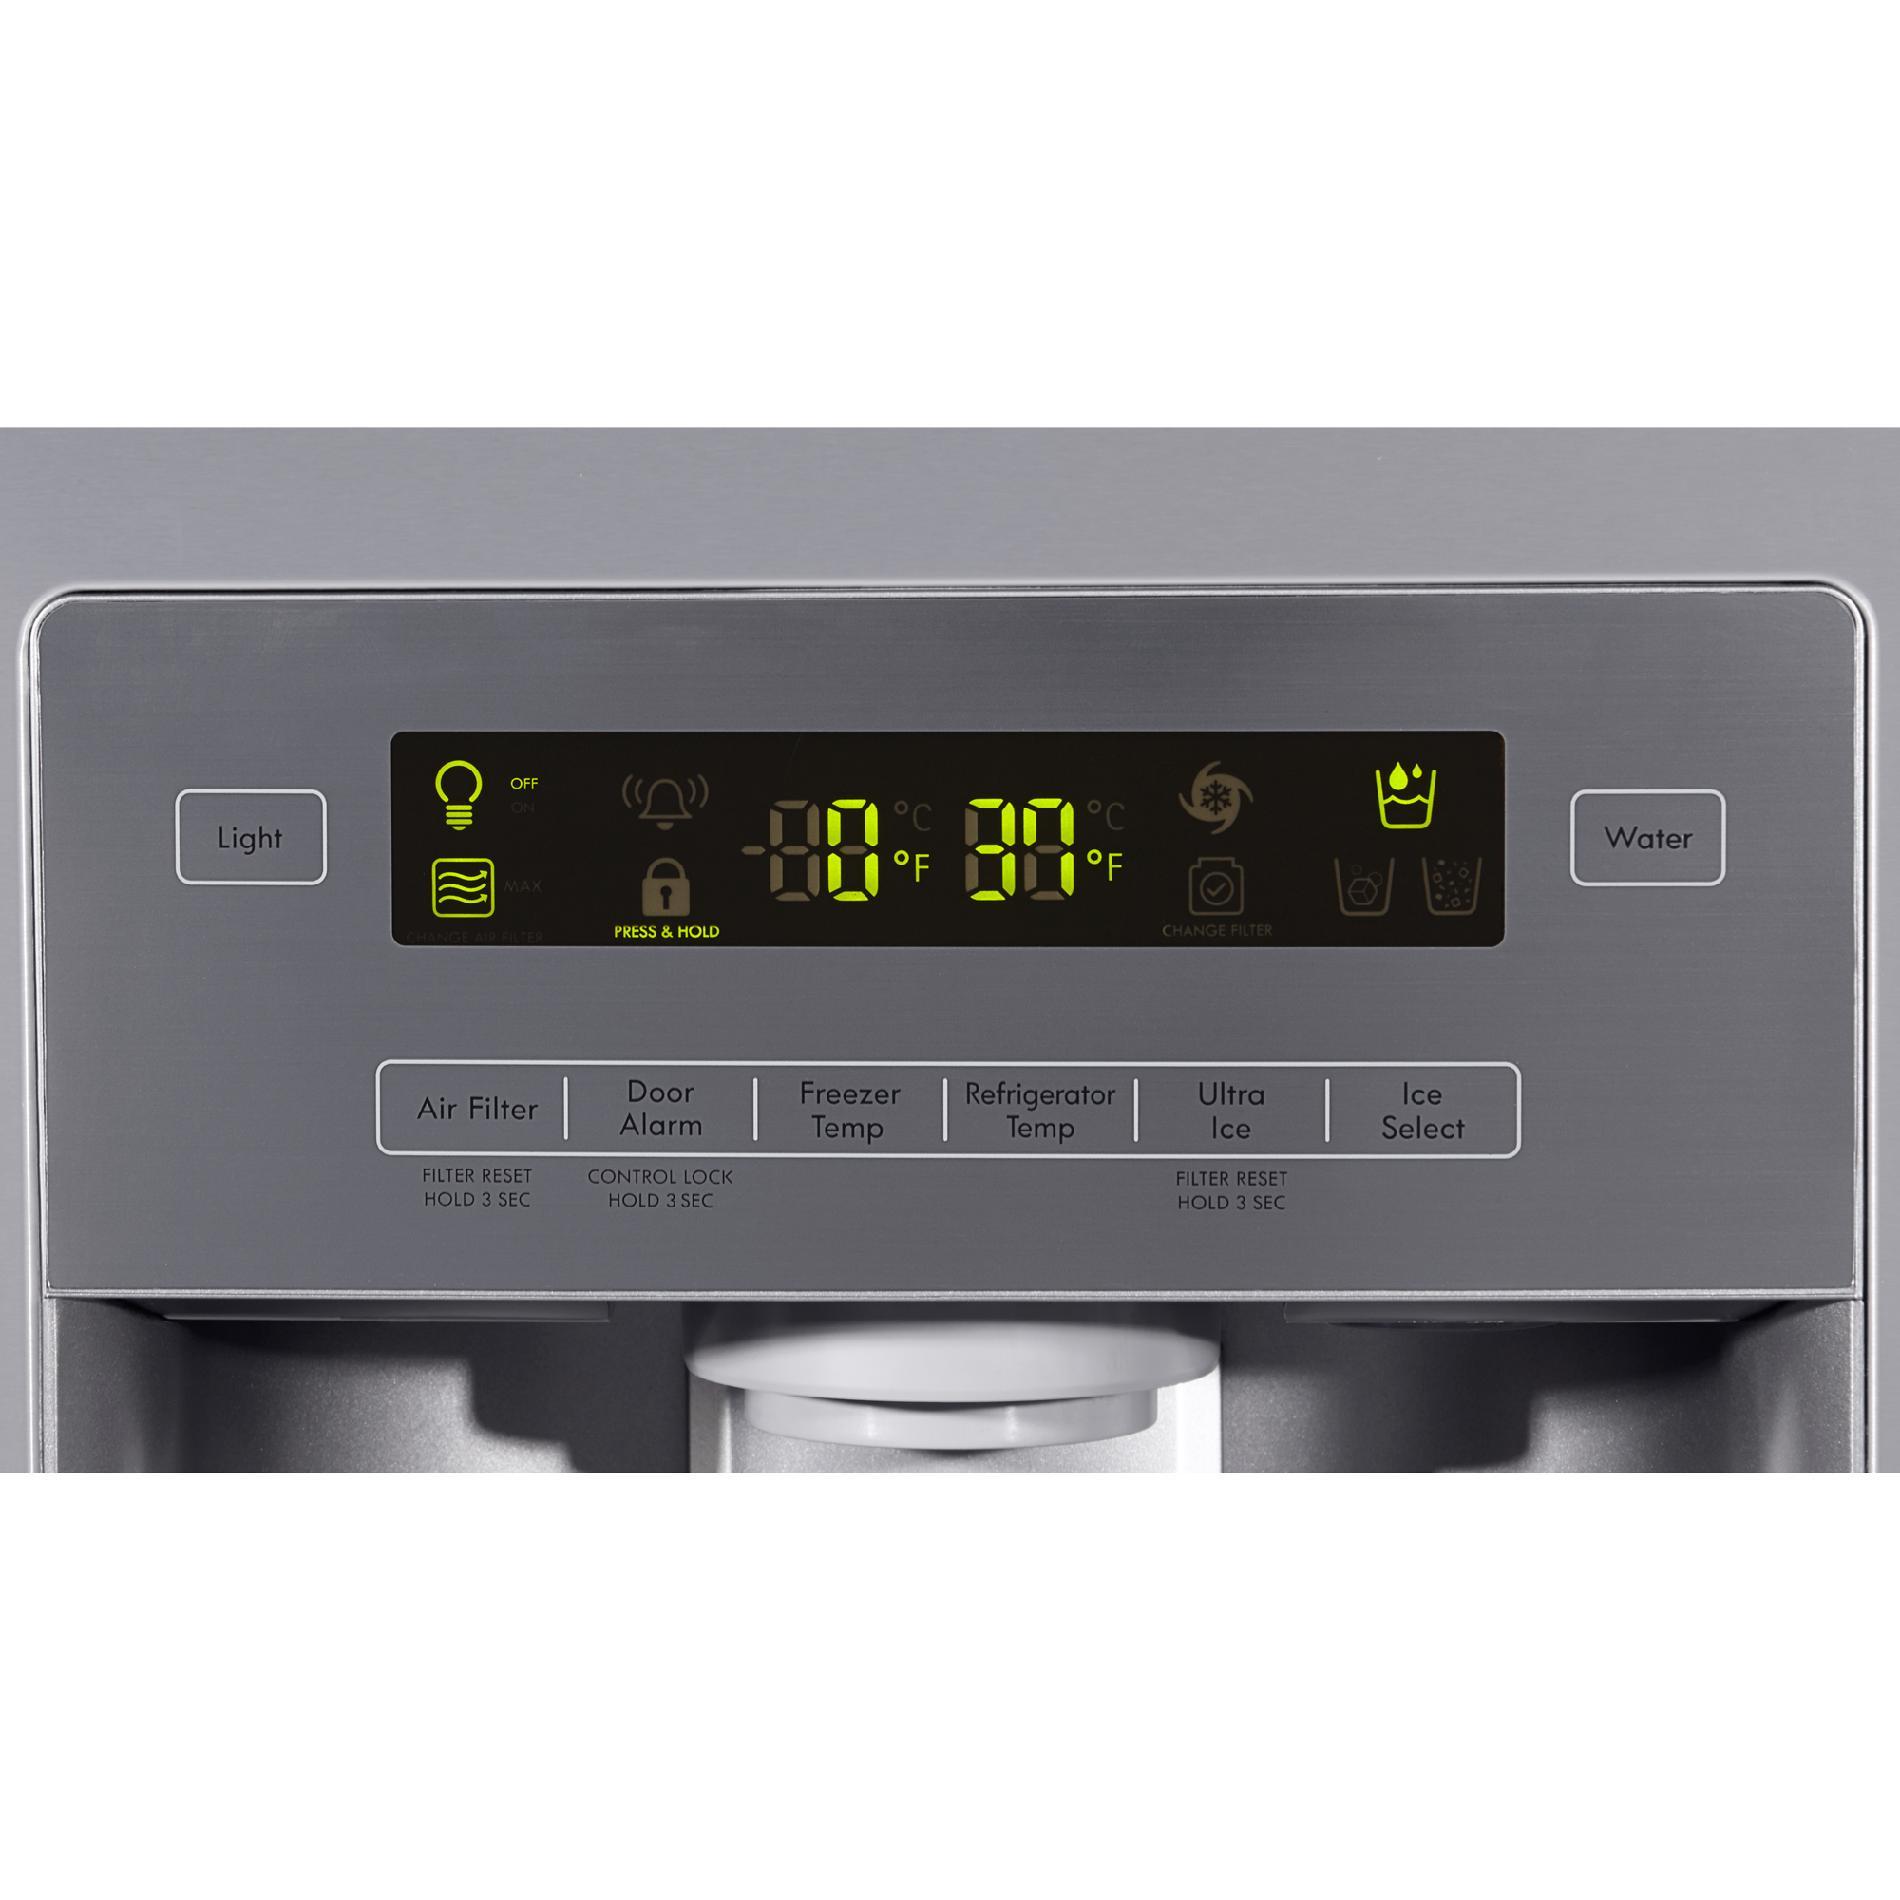 Kenmore 73055 26.8 cu. ft. French Door Bottom-Freezer Refrigerator—Active Finish